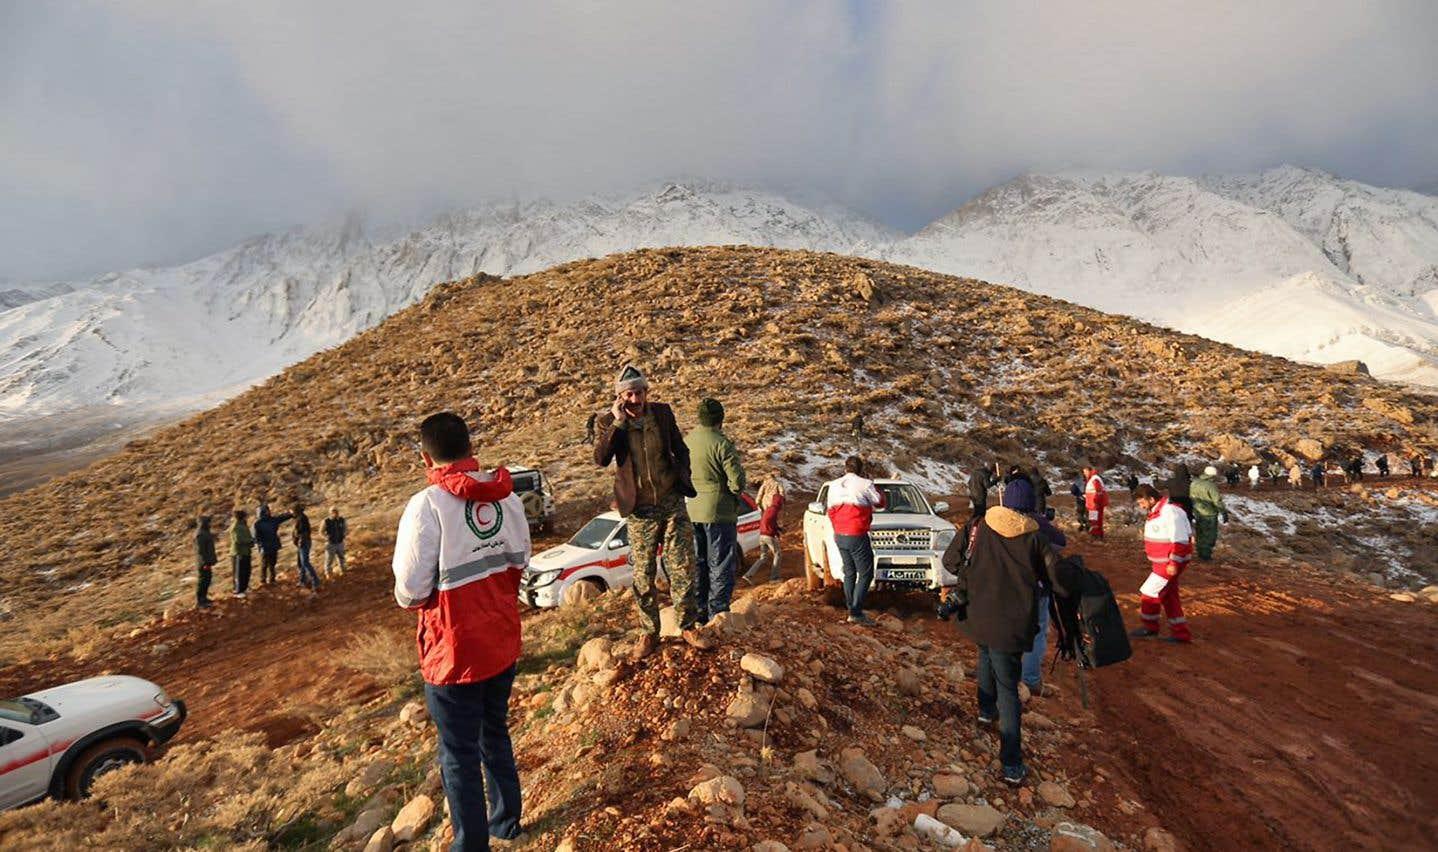 Des membres d'une équipe de secours sont à la recherche de l'épave du vol EP3704 d'Aseman Airlines, dans la chaîne de montagnes de Zagros.